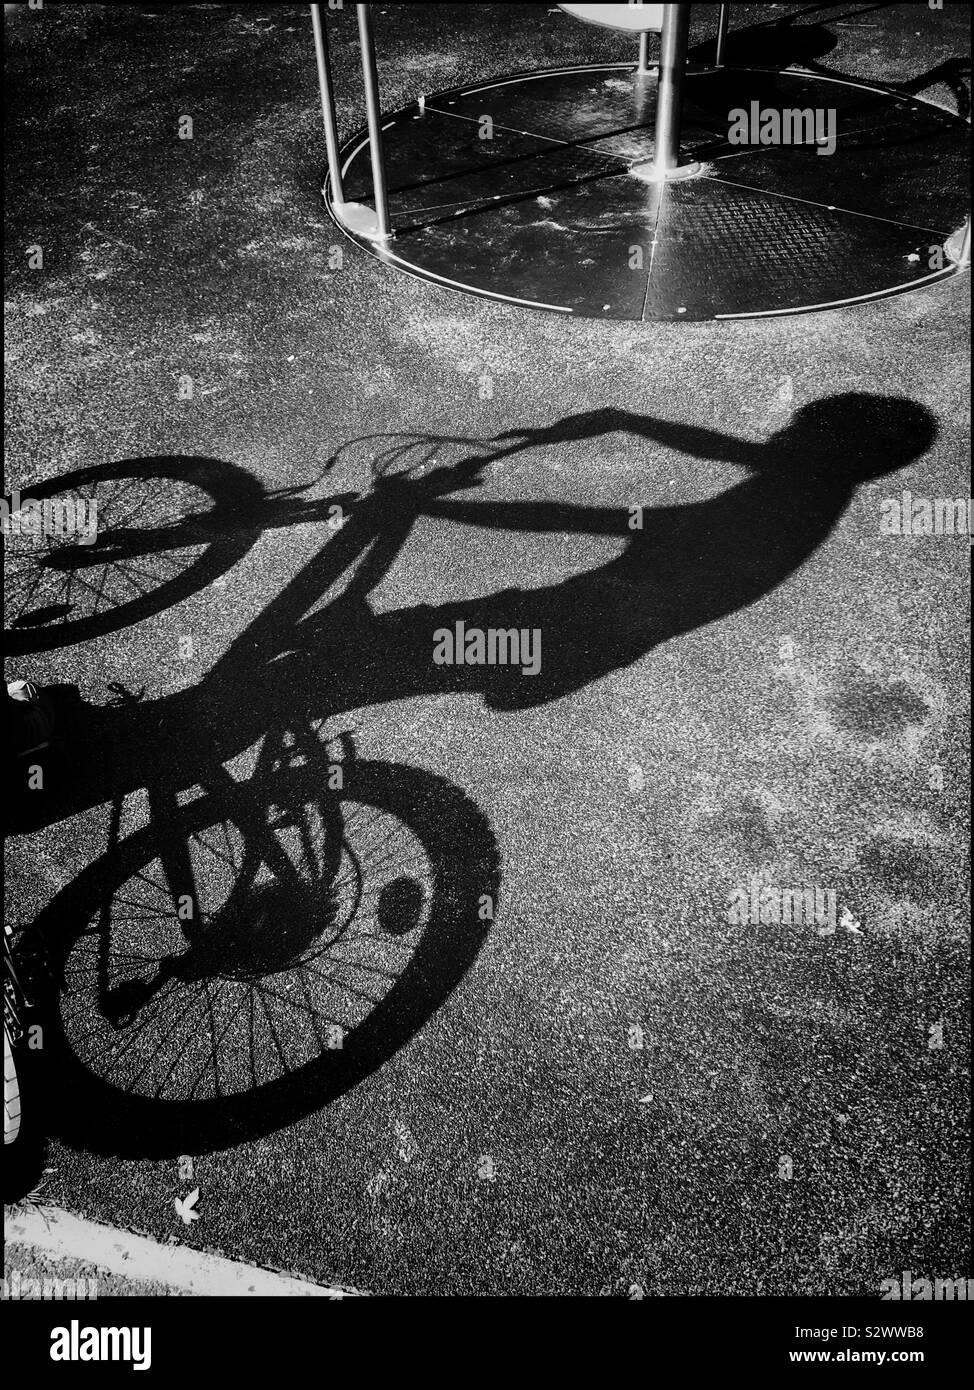 La sombra de un niño montando su bicicleta en un parque infantil. La brillante luz del sol ha creado una interesante sombra en el suelo. Foto © COLIN HOSKINS. Foto de stock